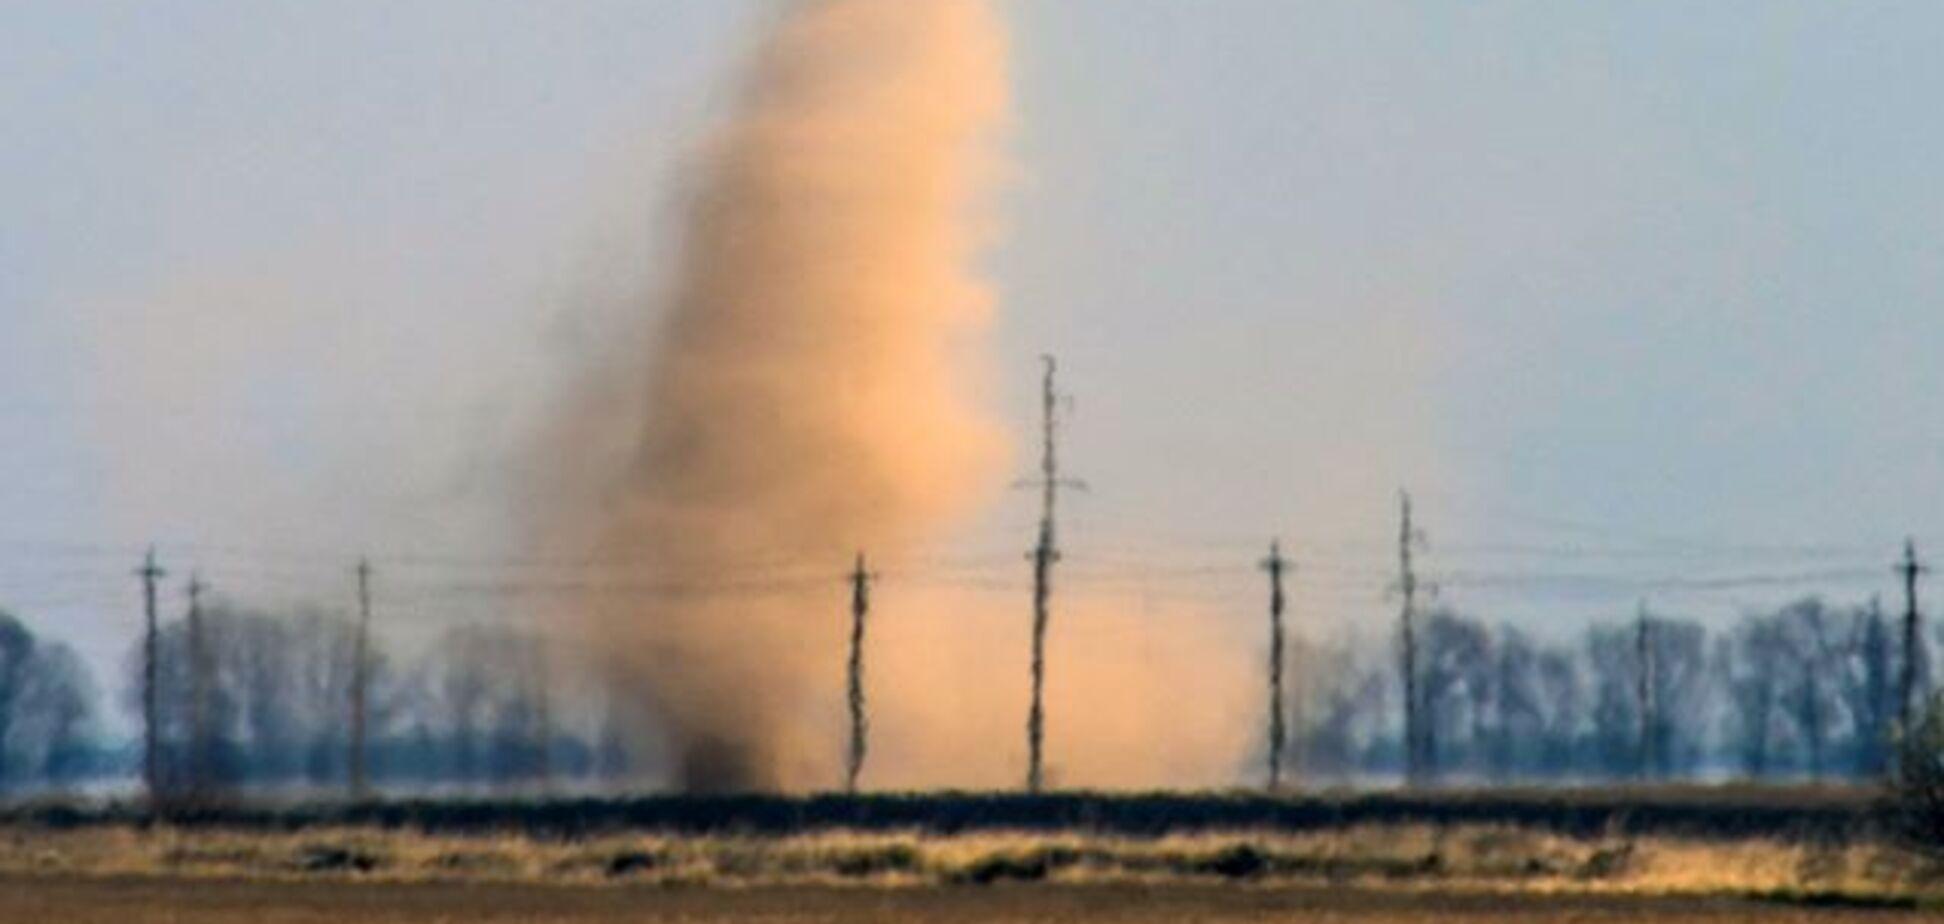 Появились фото пылевого вихря под Киевом